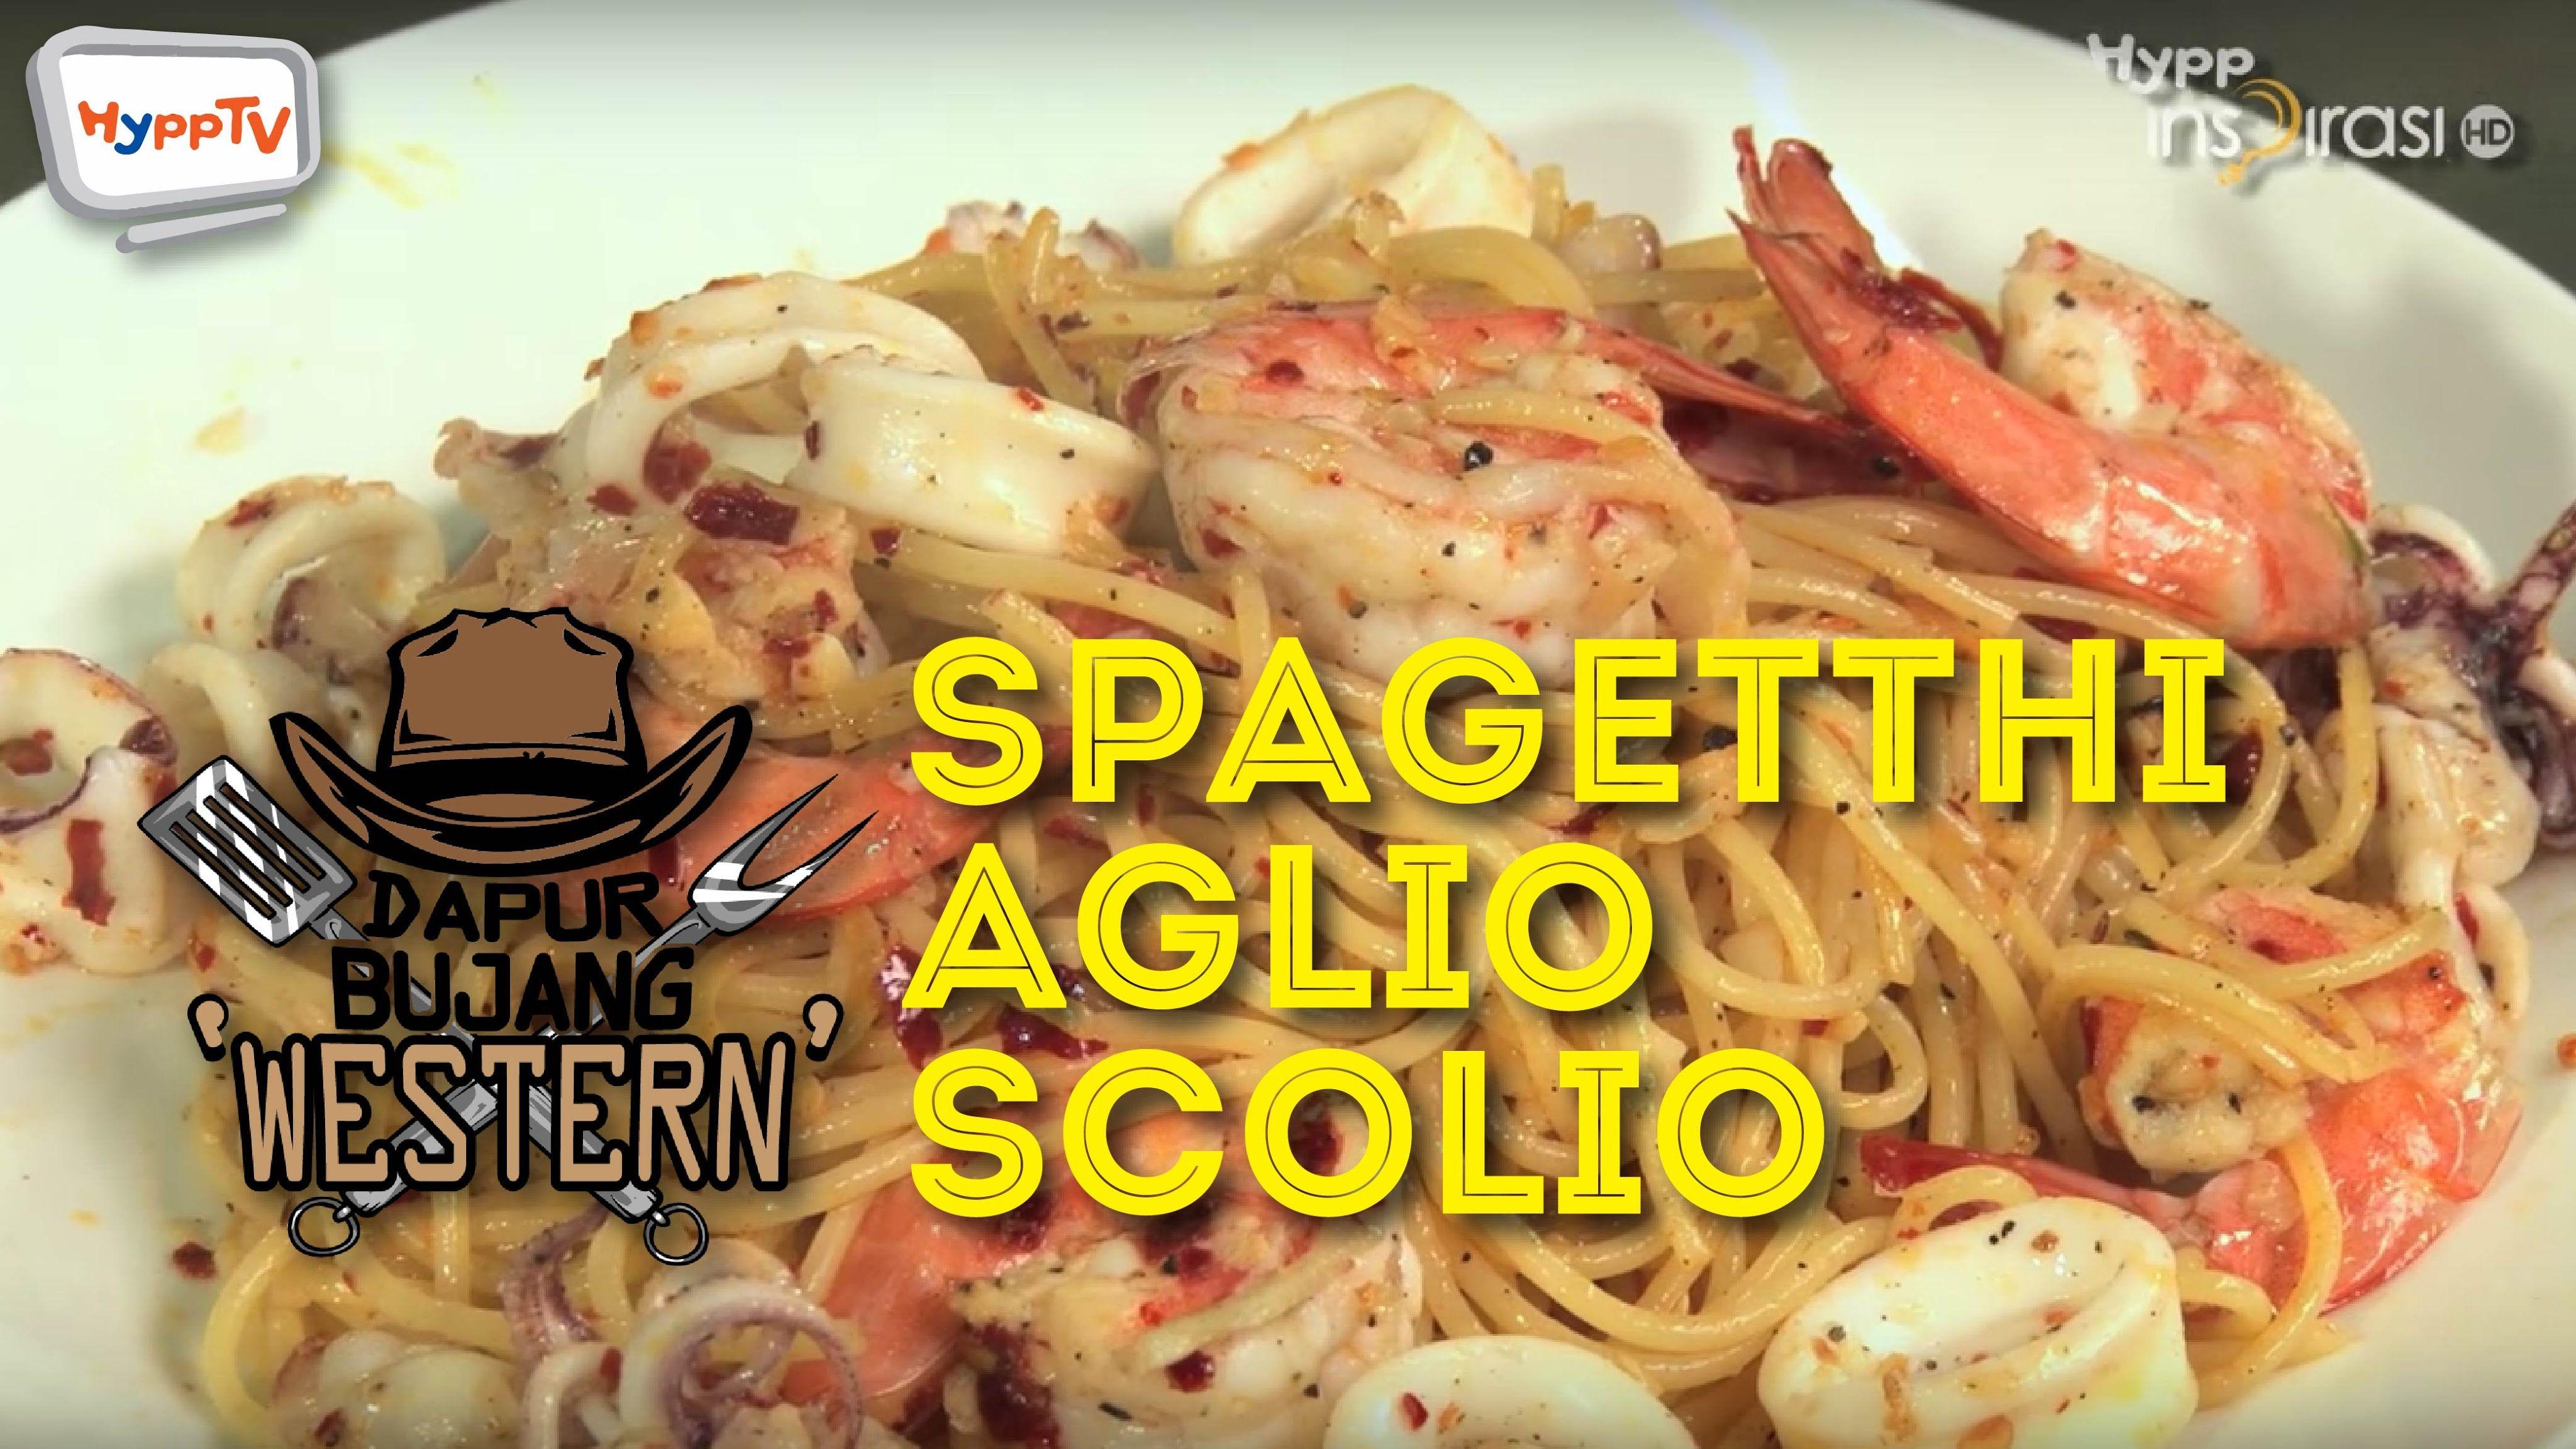 Dapurbujang Western Spaghetti Aglio Scolio You